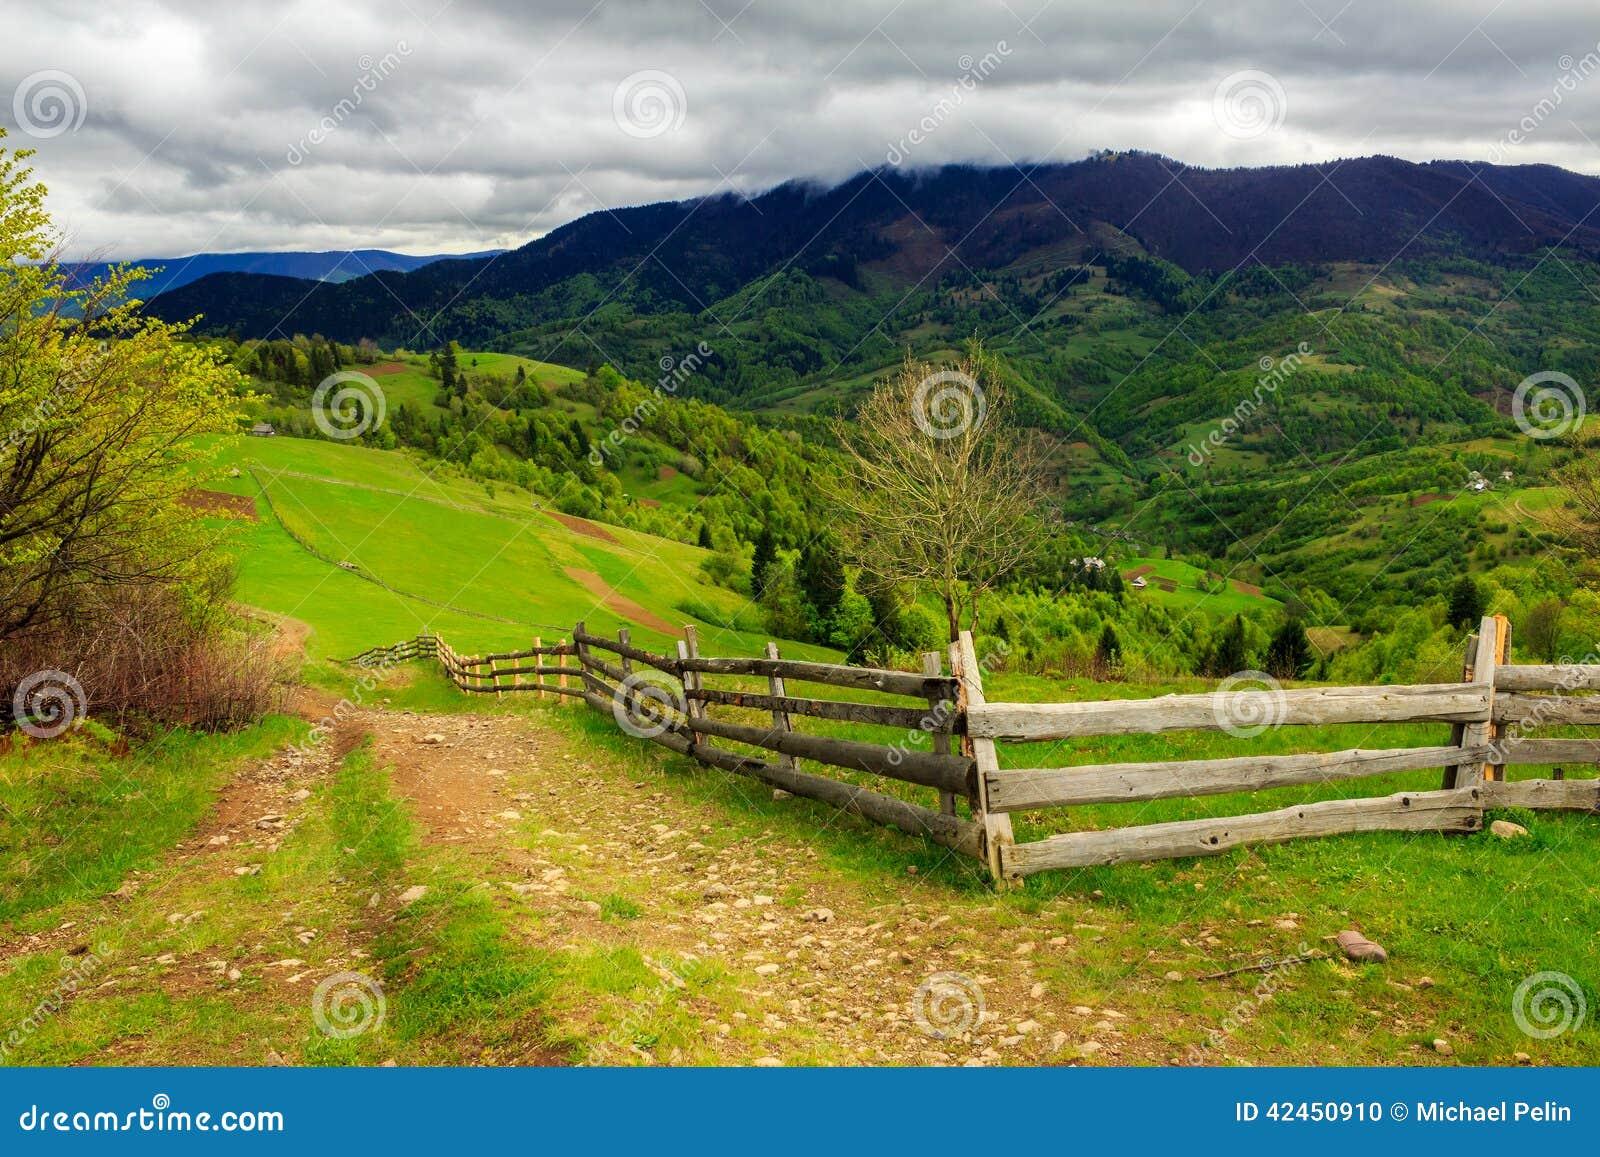 Zaun auf Abhangwiese im Berg